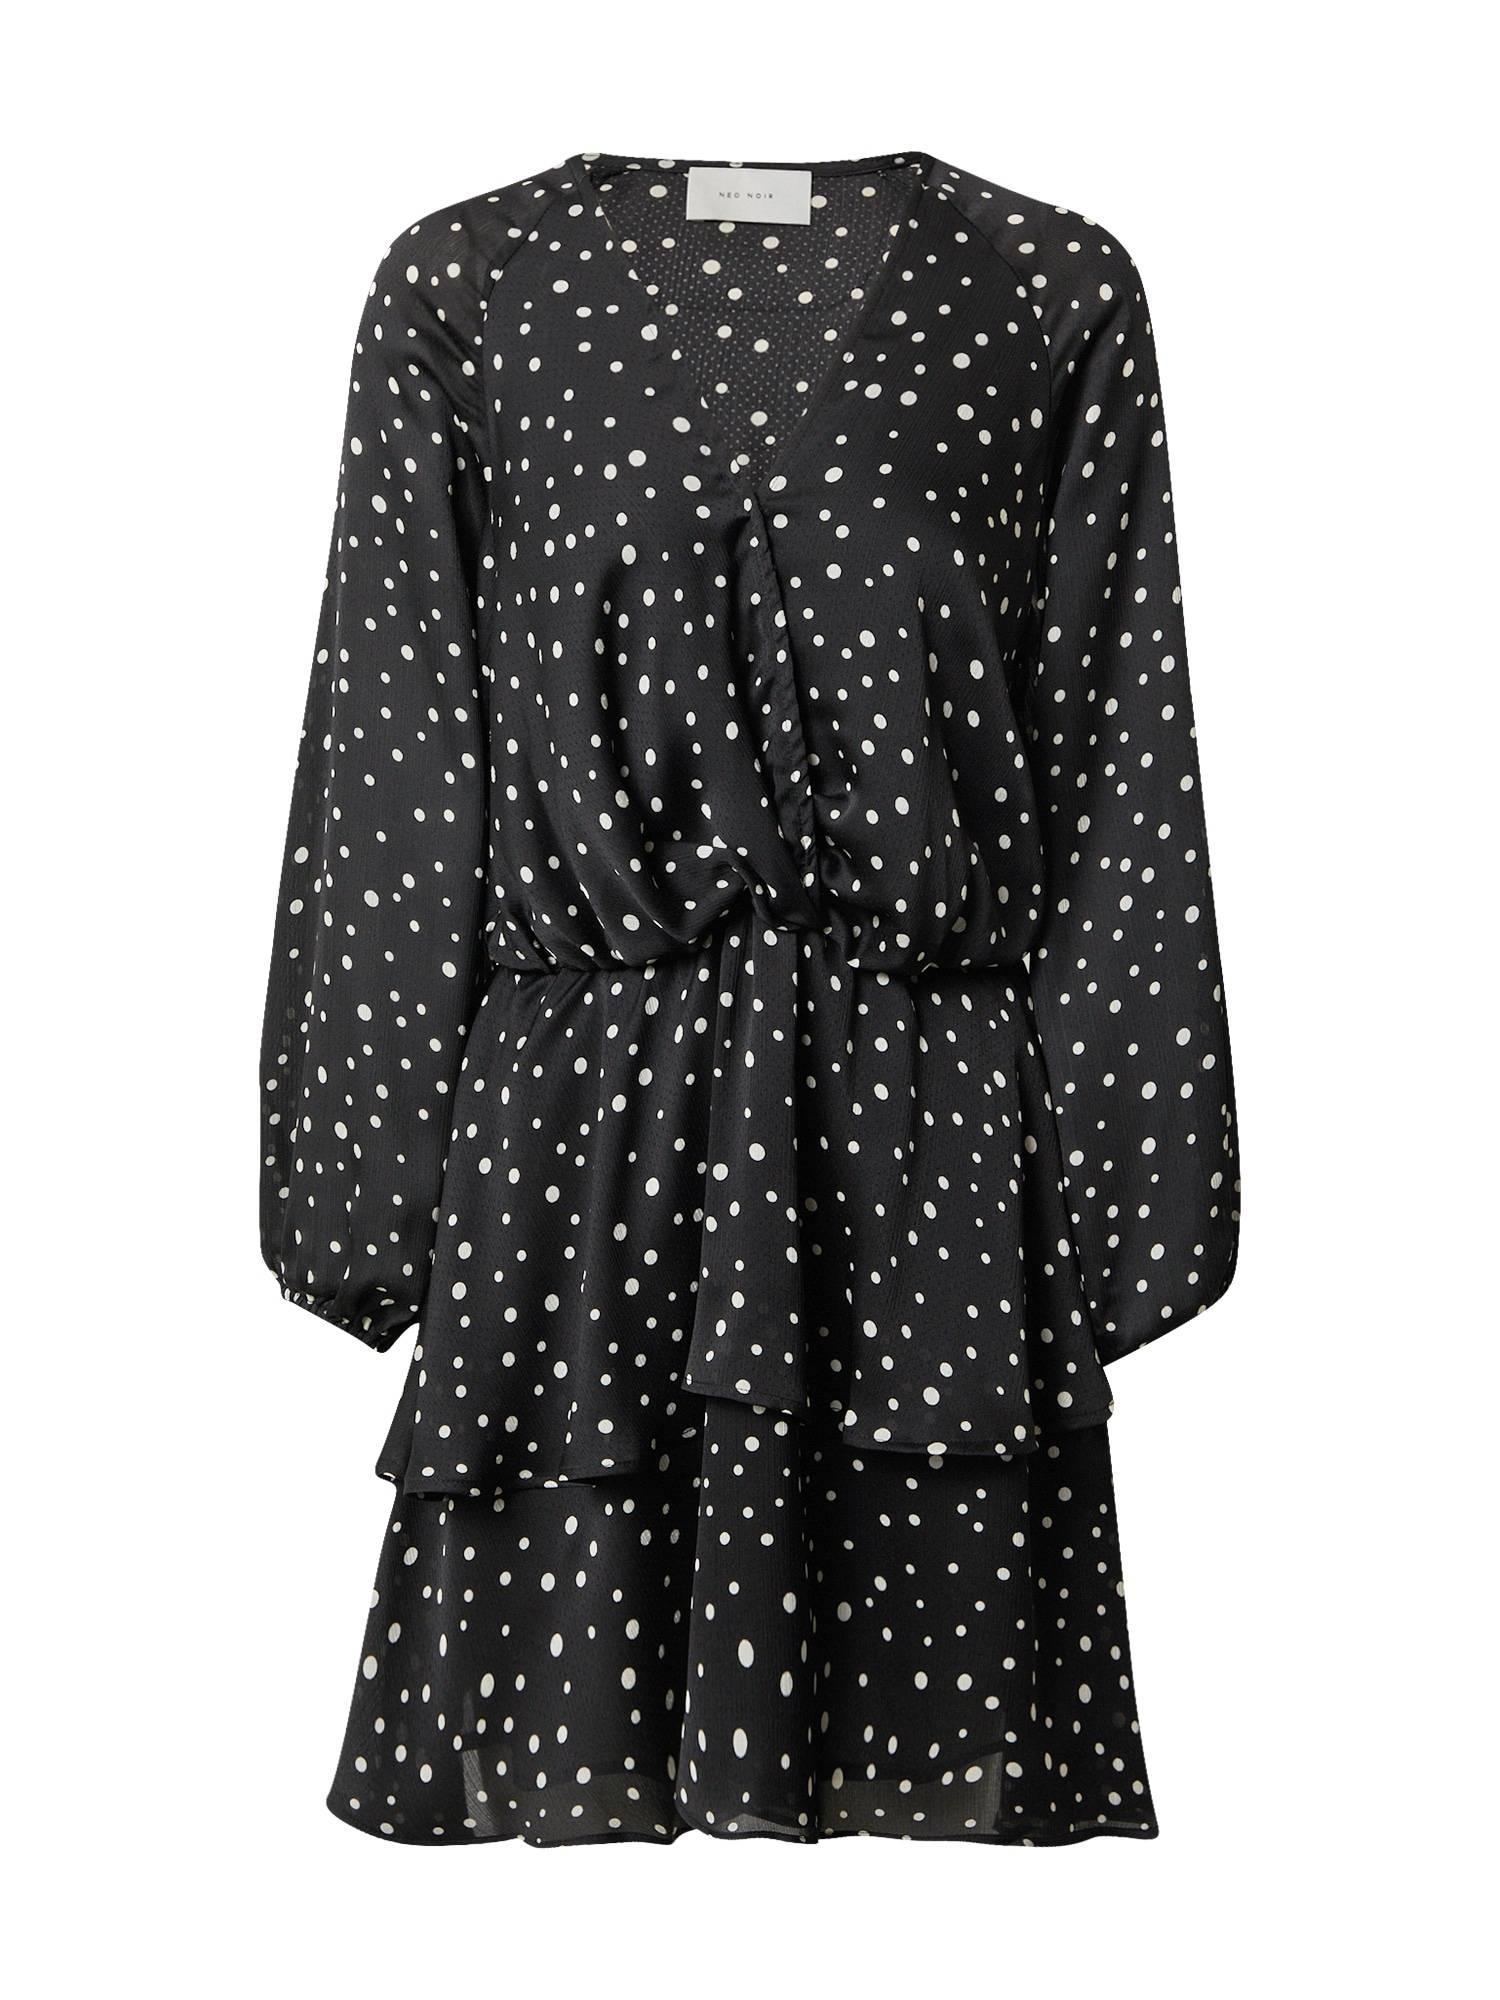 Neo Noir Robe 'Aurora'  - Noir - Taille: XL - female